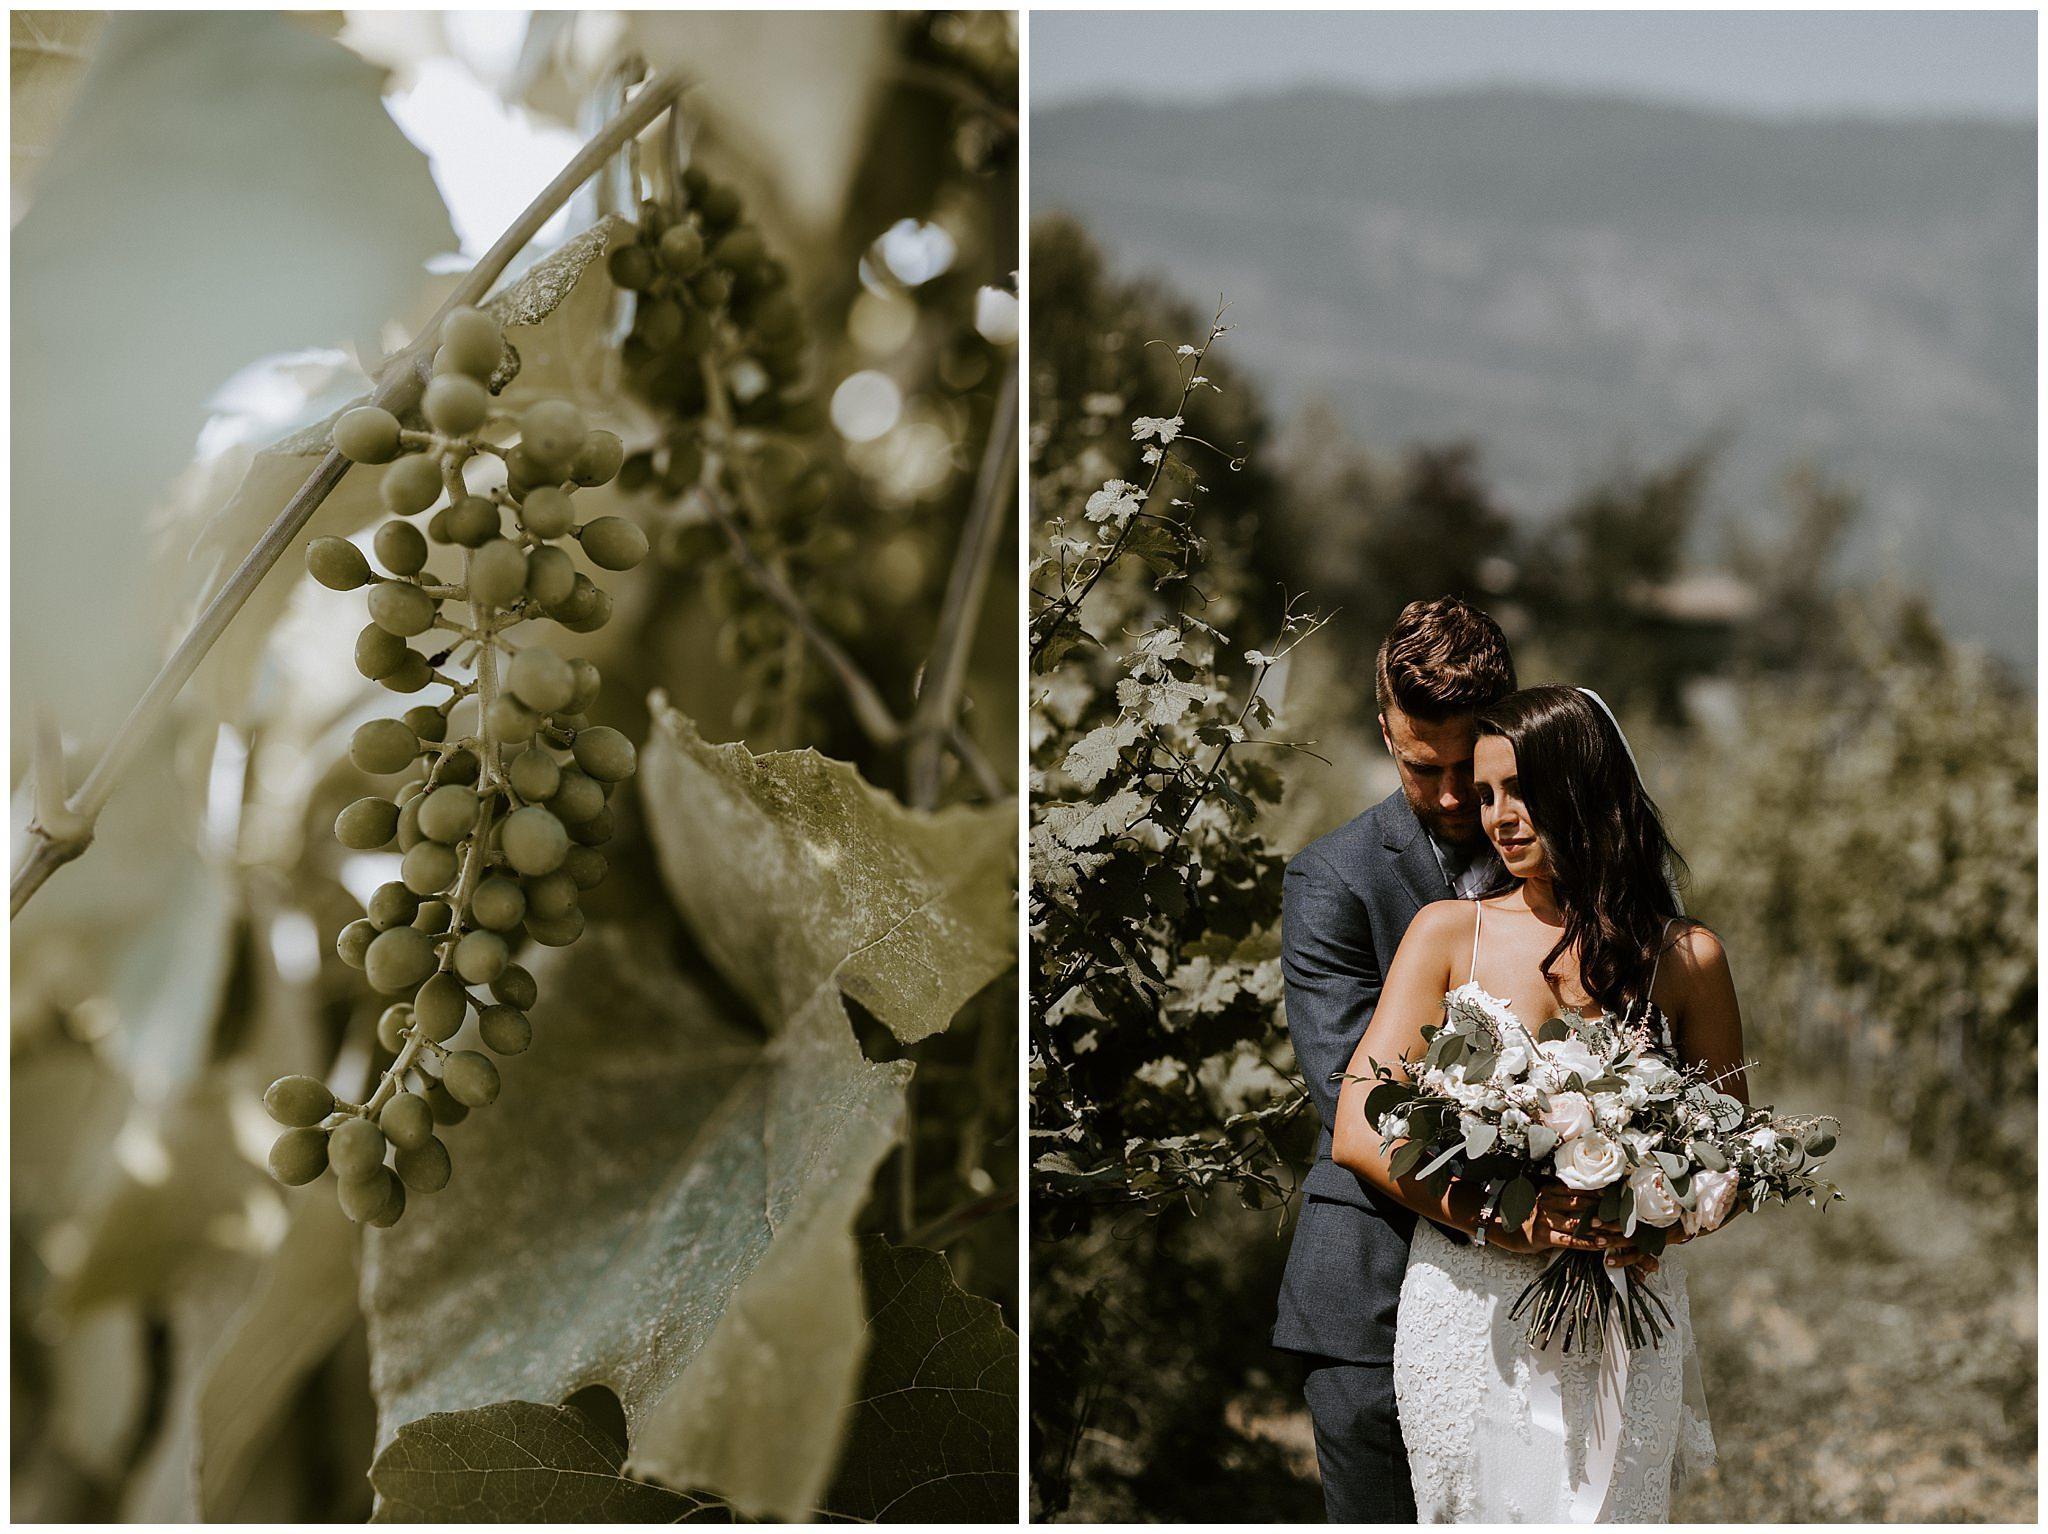 off-the-grid-winery-wedding-kelowna-016.JPG